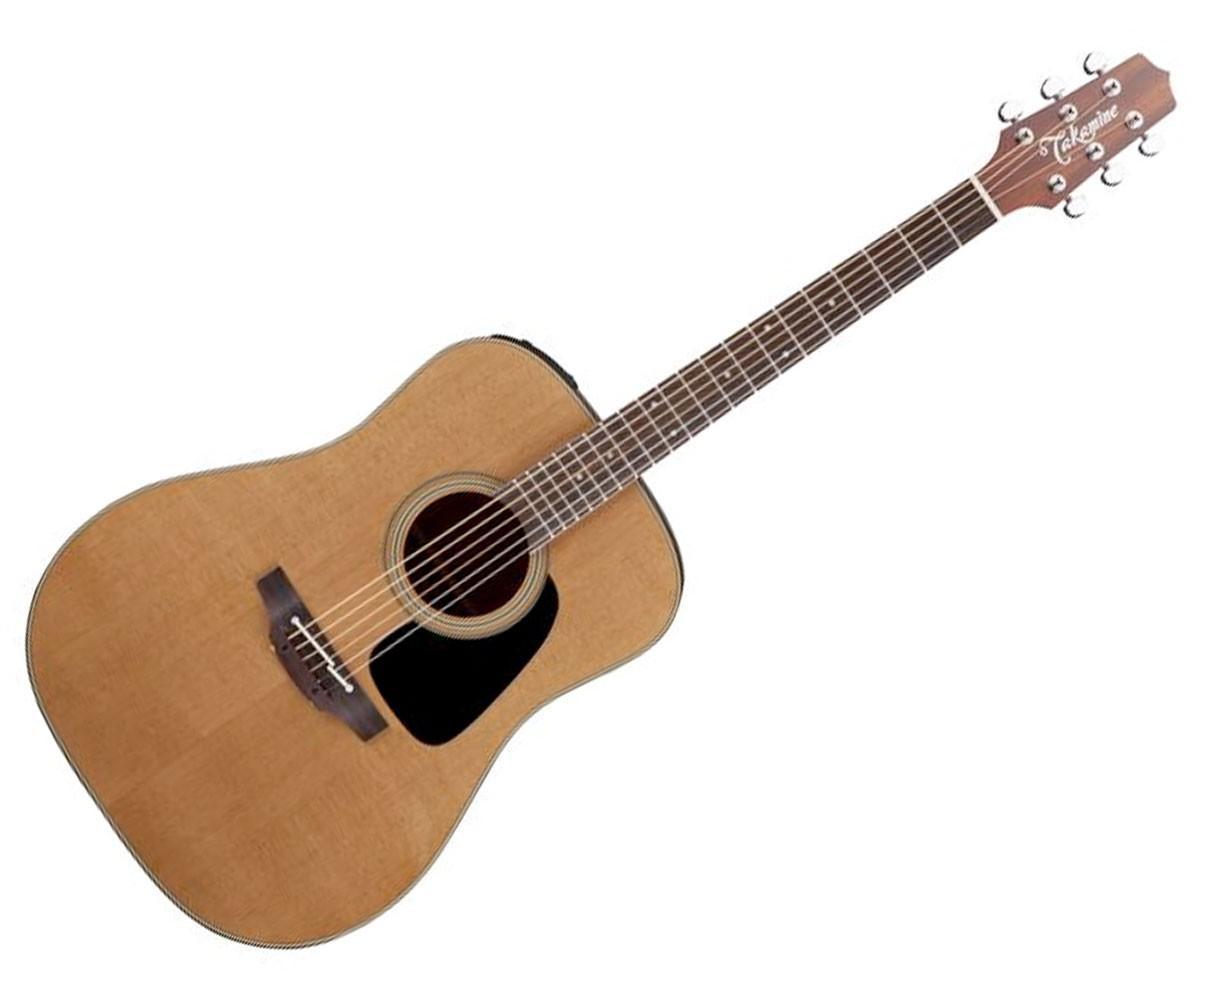 dia-diem-mua-dan-guitar-chat-luong-tot-nhat-o-cac-tinh 1